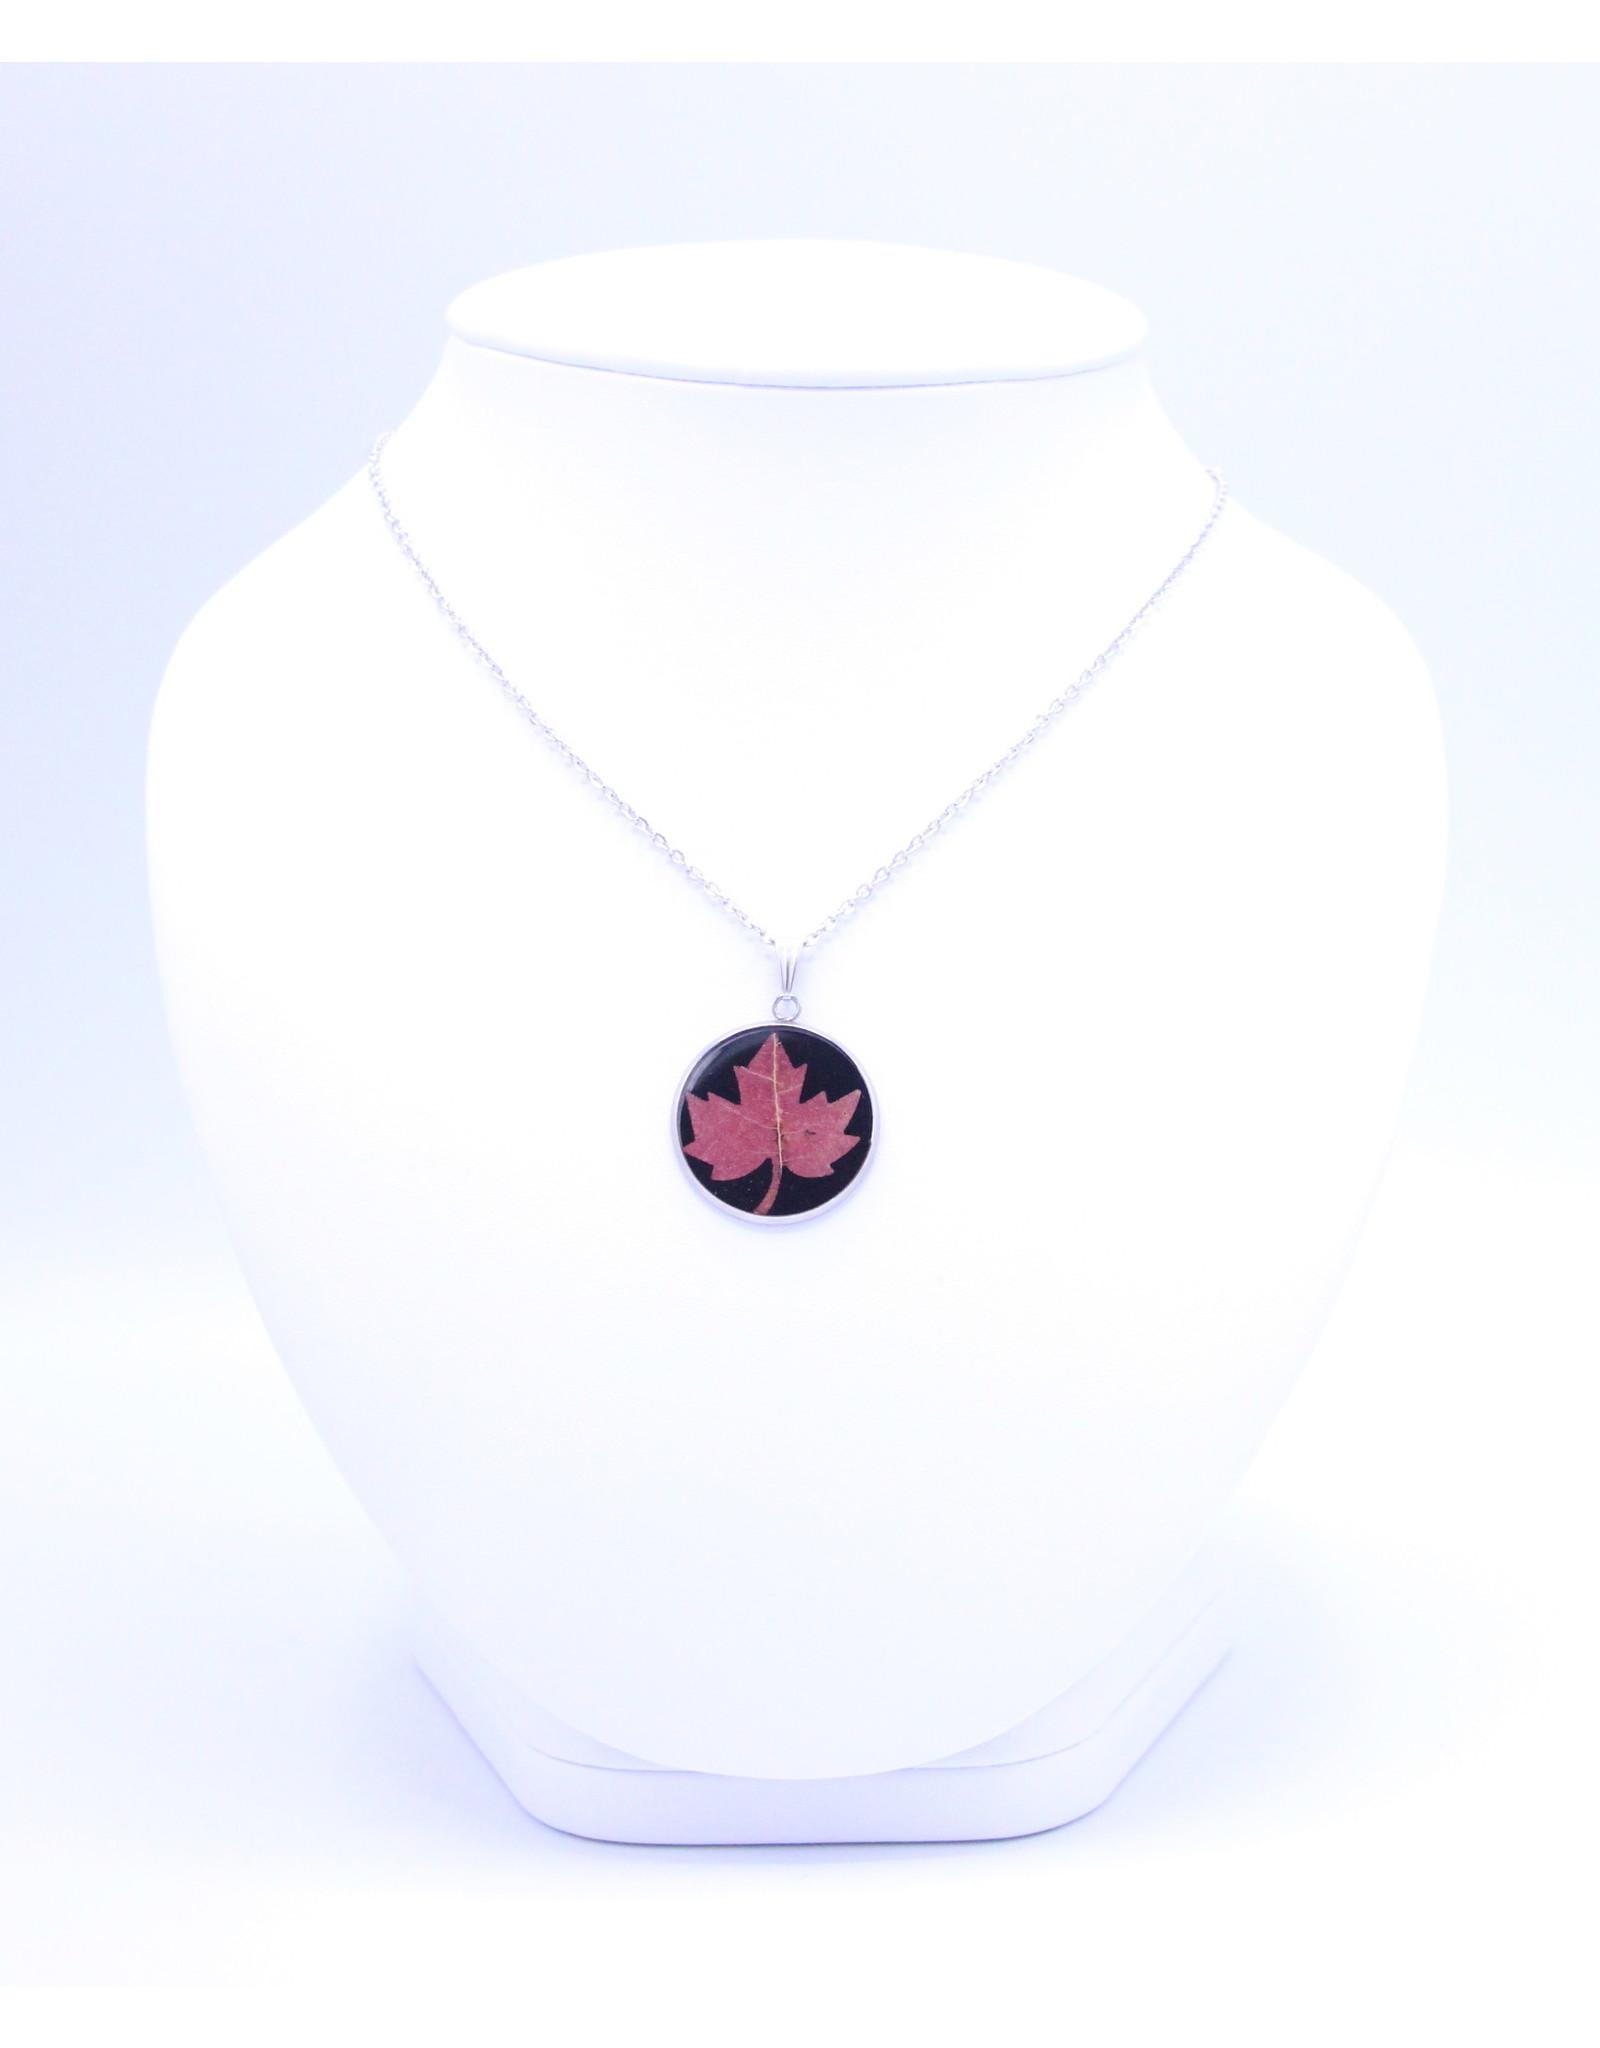 25mm Maple Leaf Necklace Black - N25MLB1